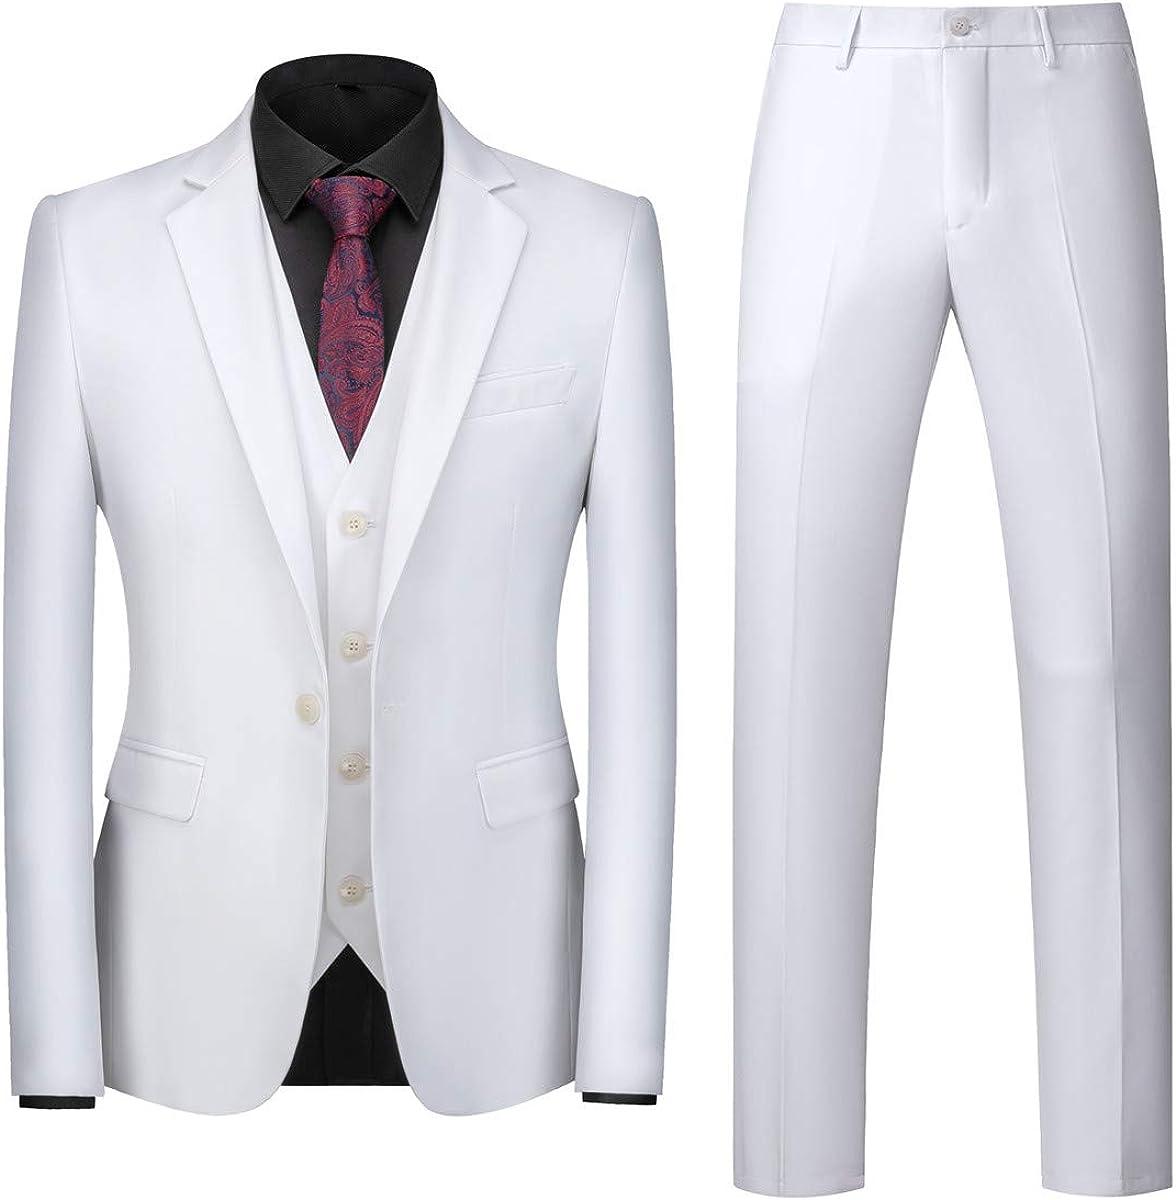 mogu mens 3 piece white dress suit set at amazon men s clothing store mogu mens 3 piece white dress suit set